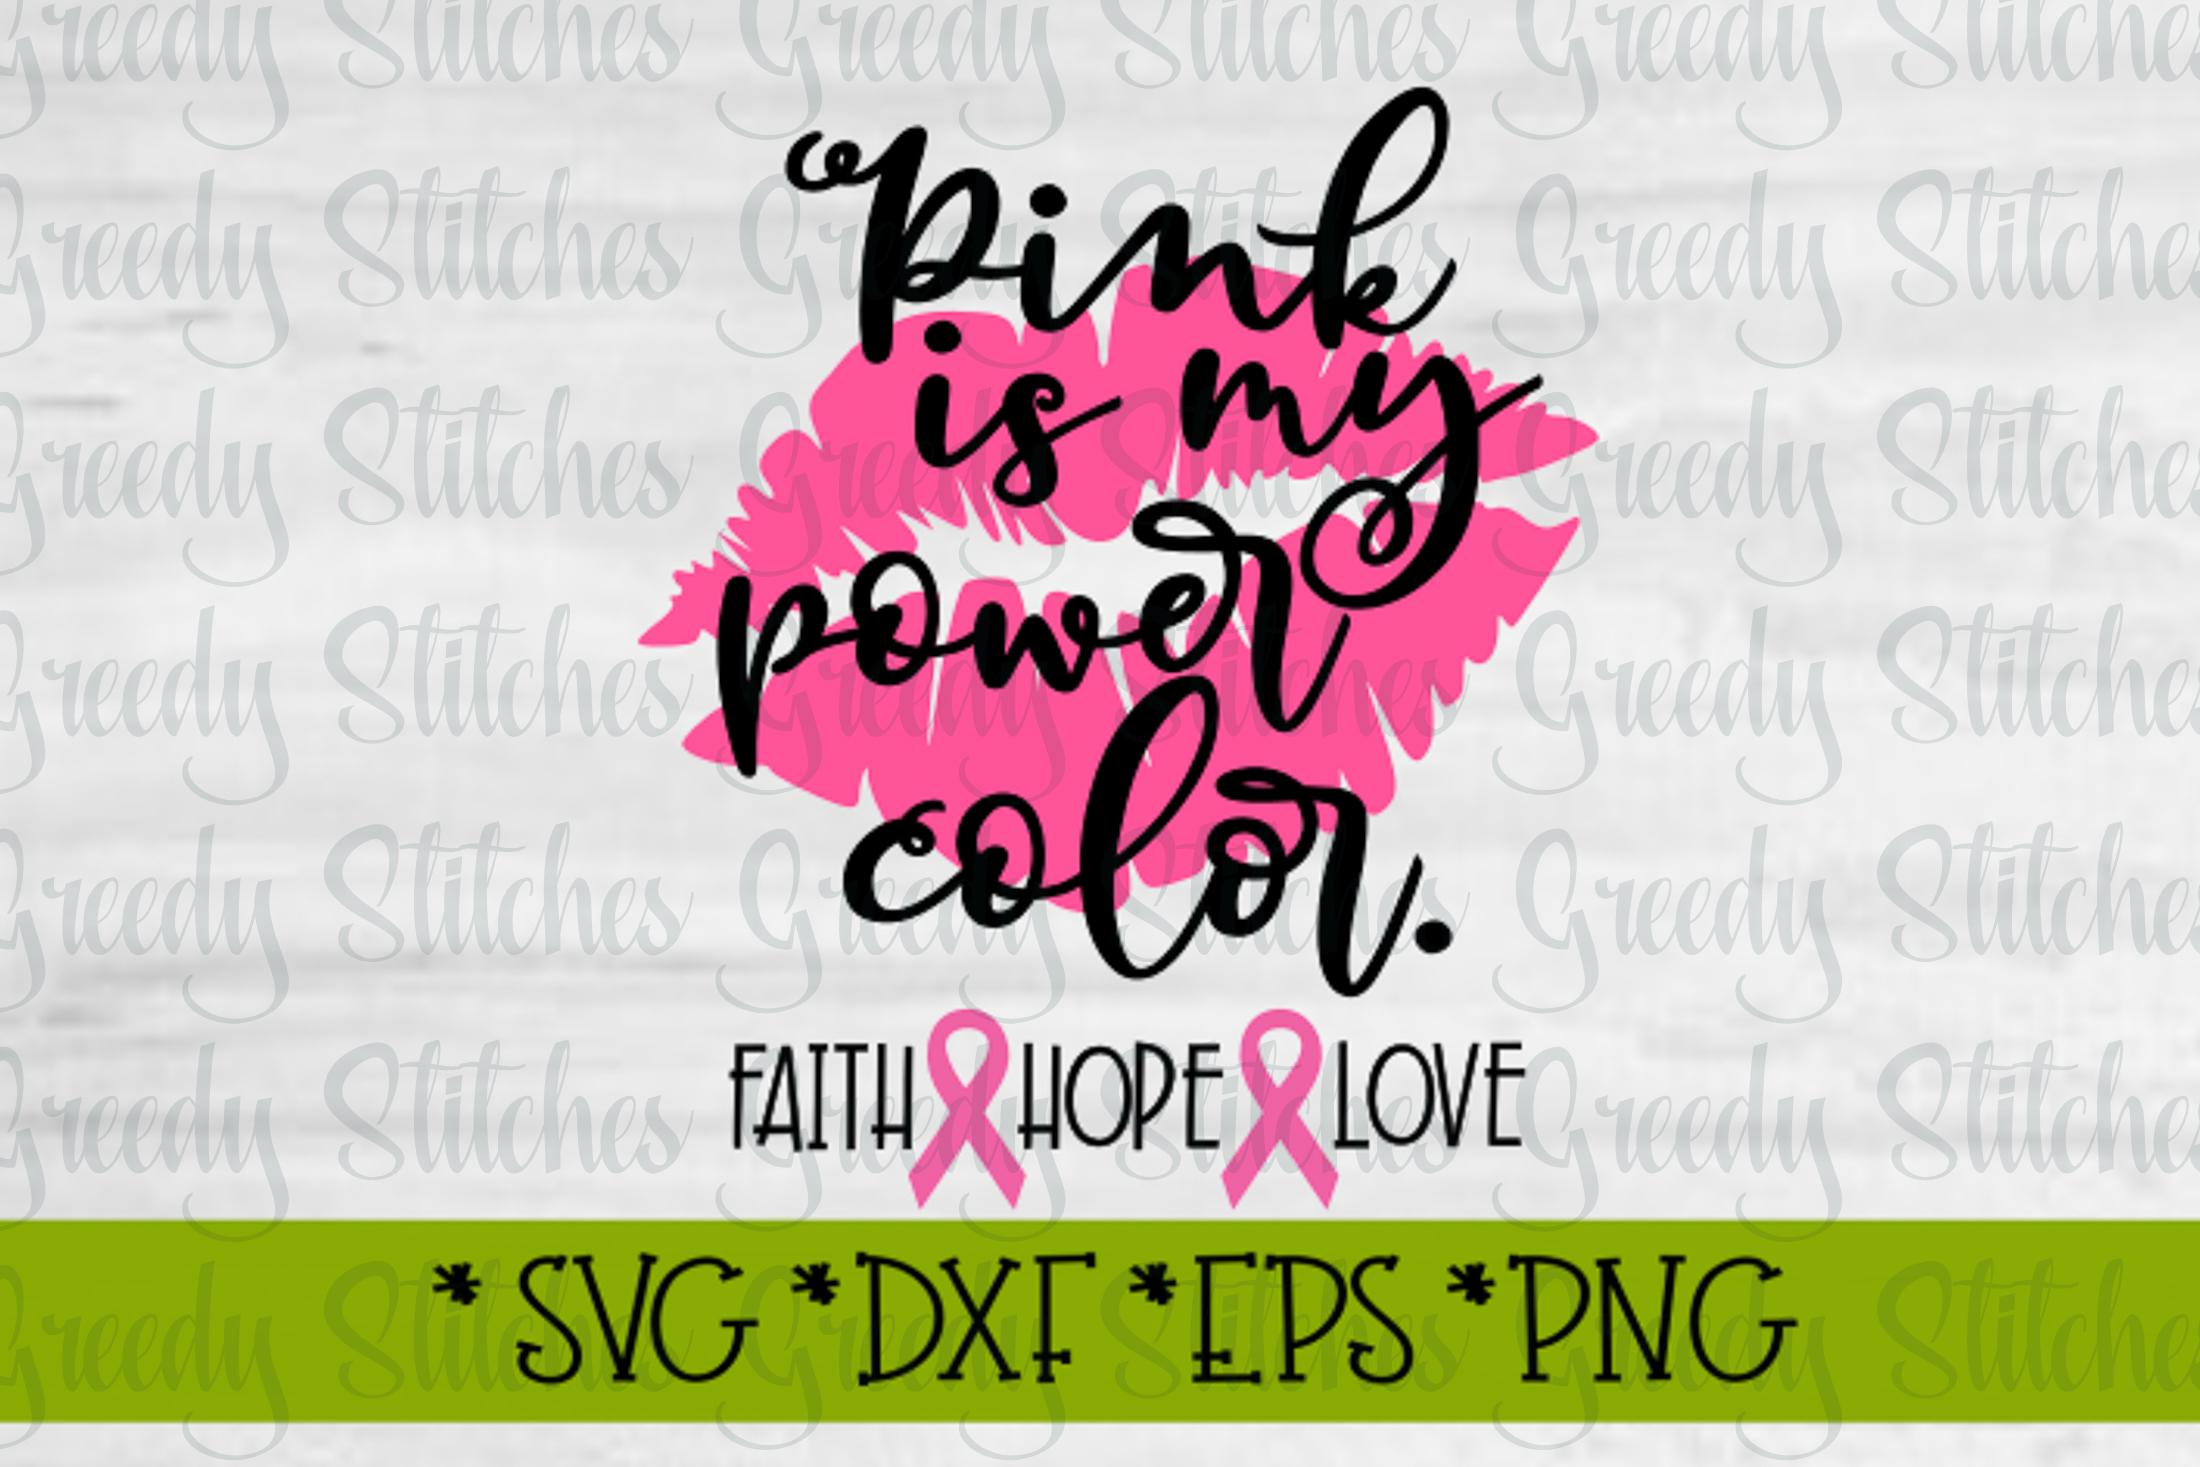 Breast Cancer Awareness Svg Dxf Eps Png 143076 Svgs Design